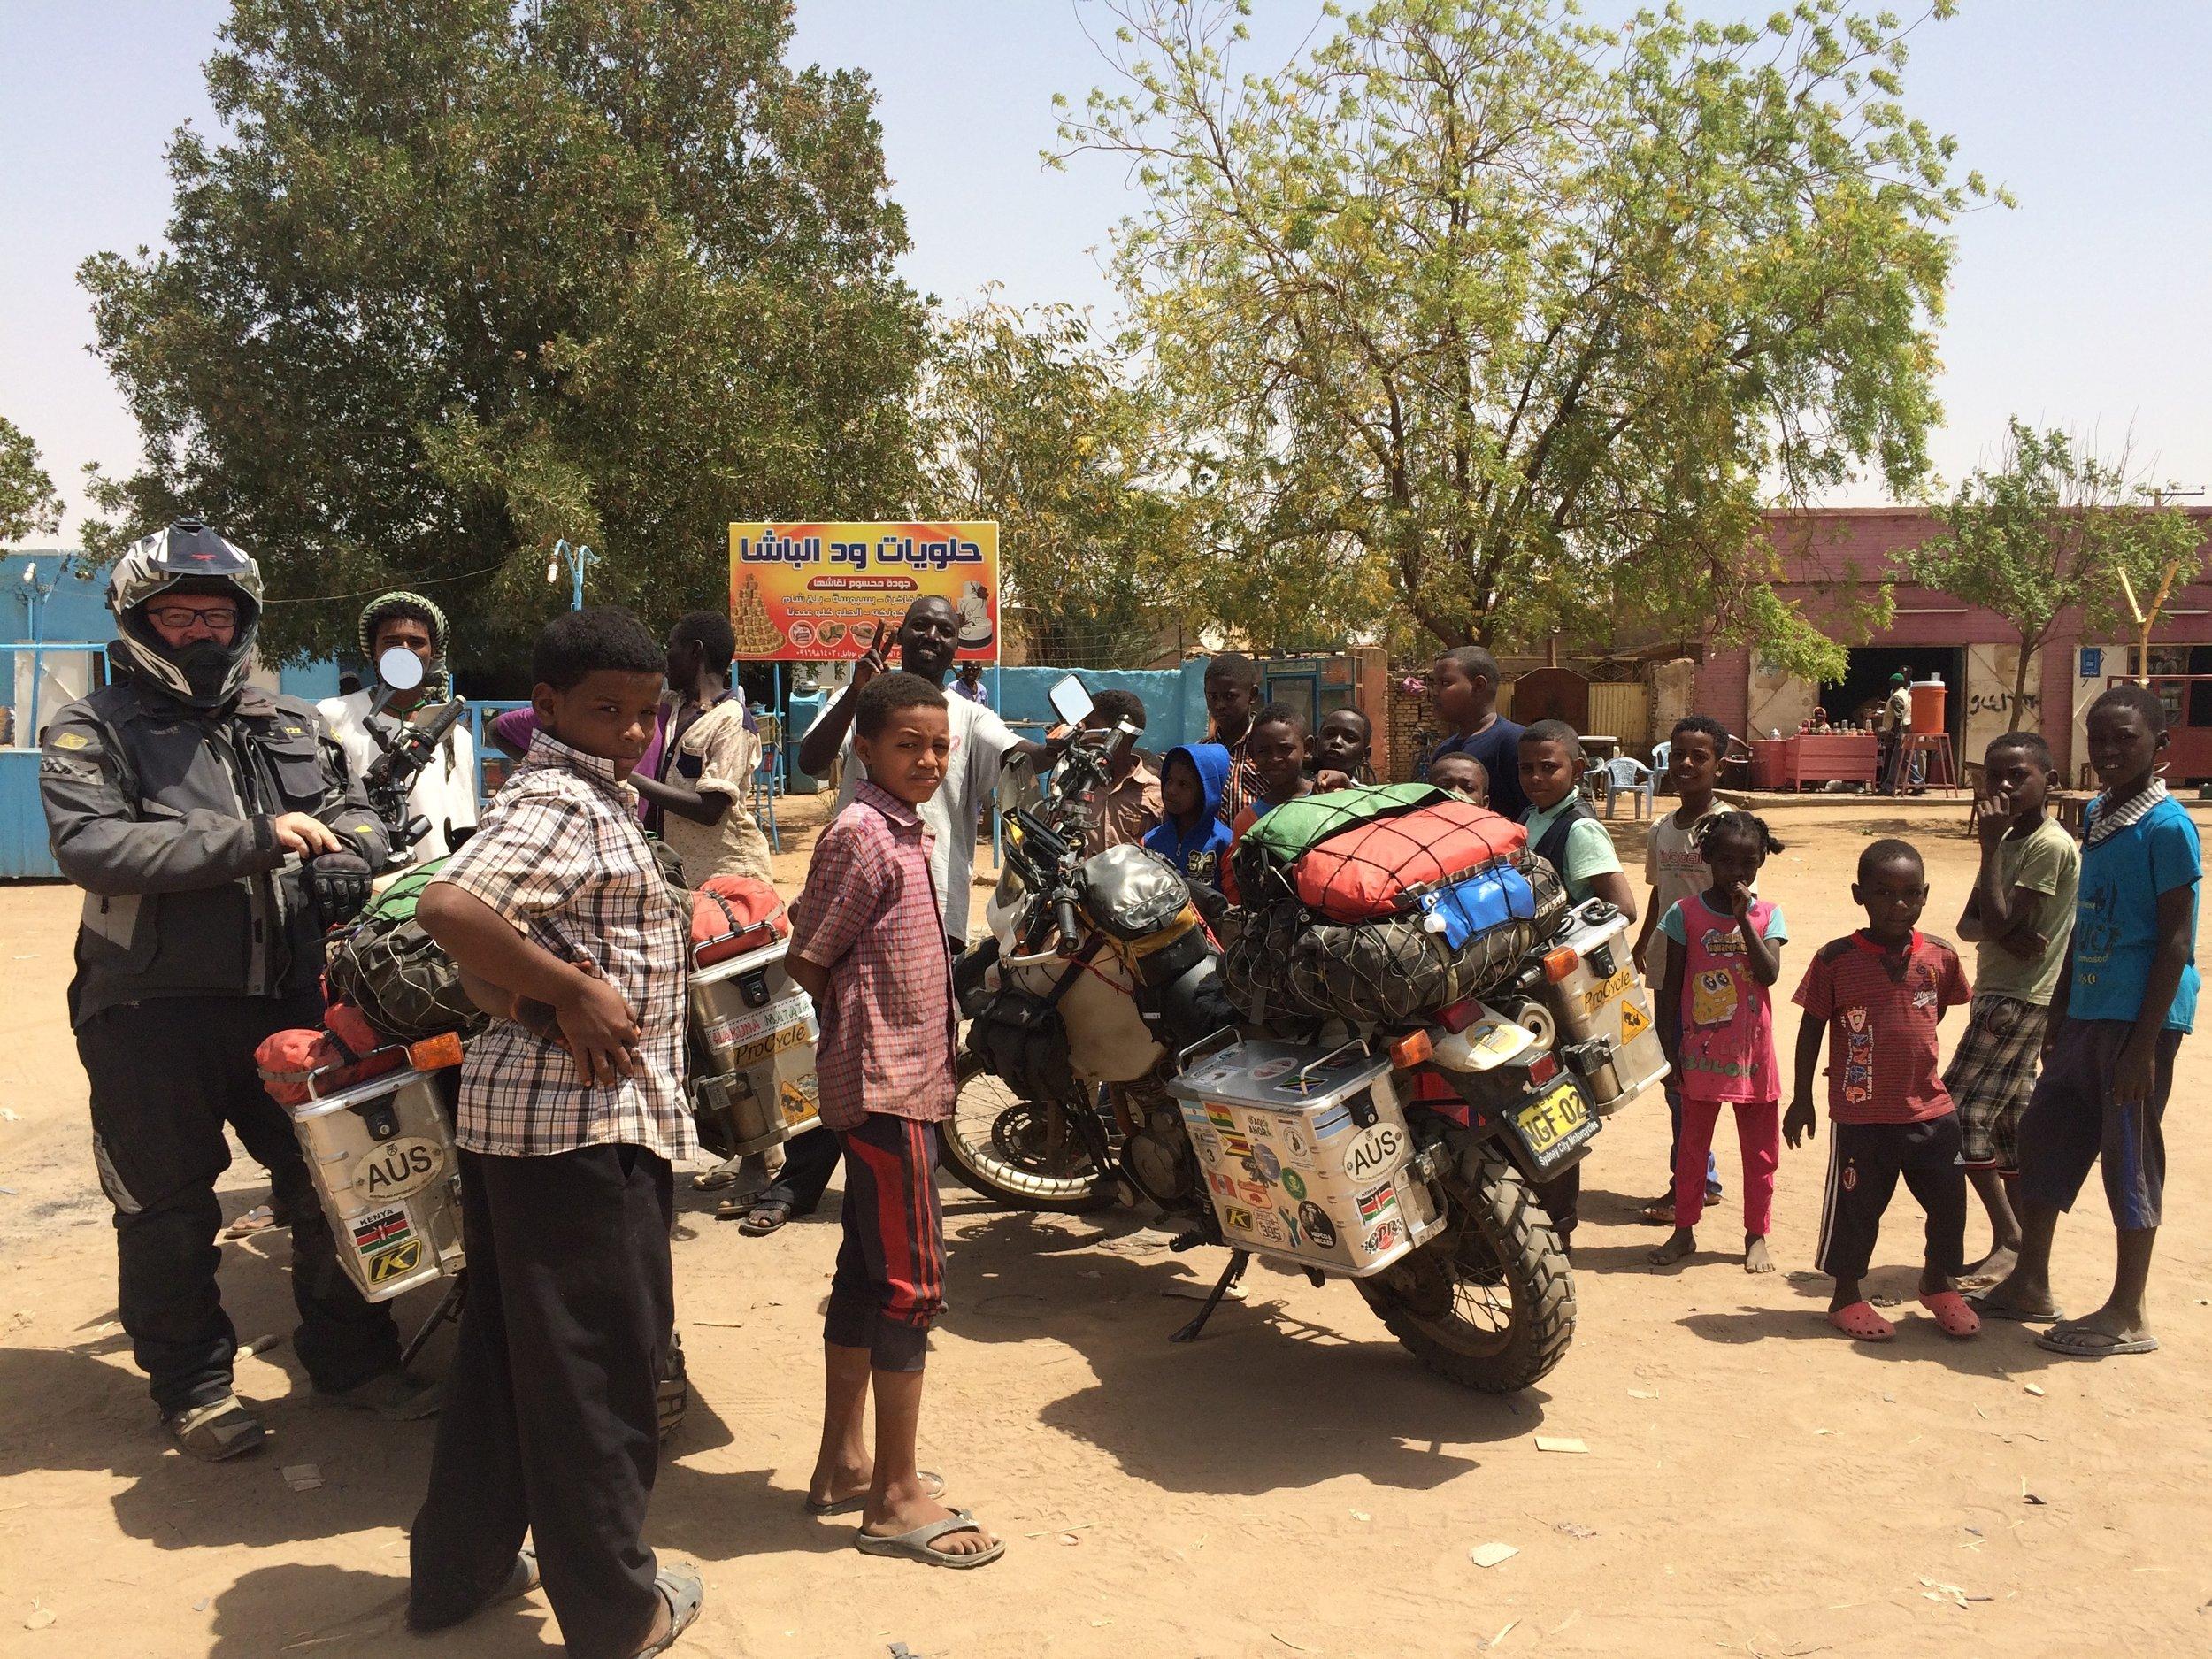 Stopping for a short break en-route to Khartoum.